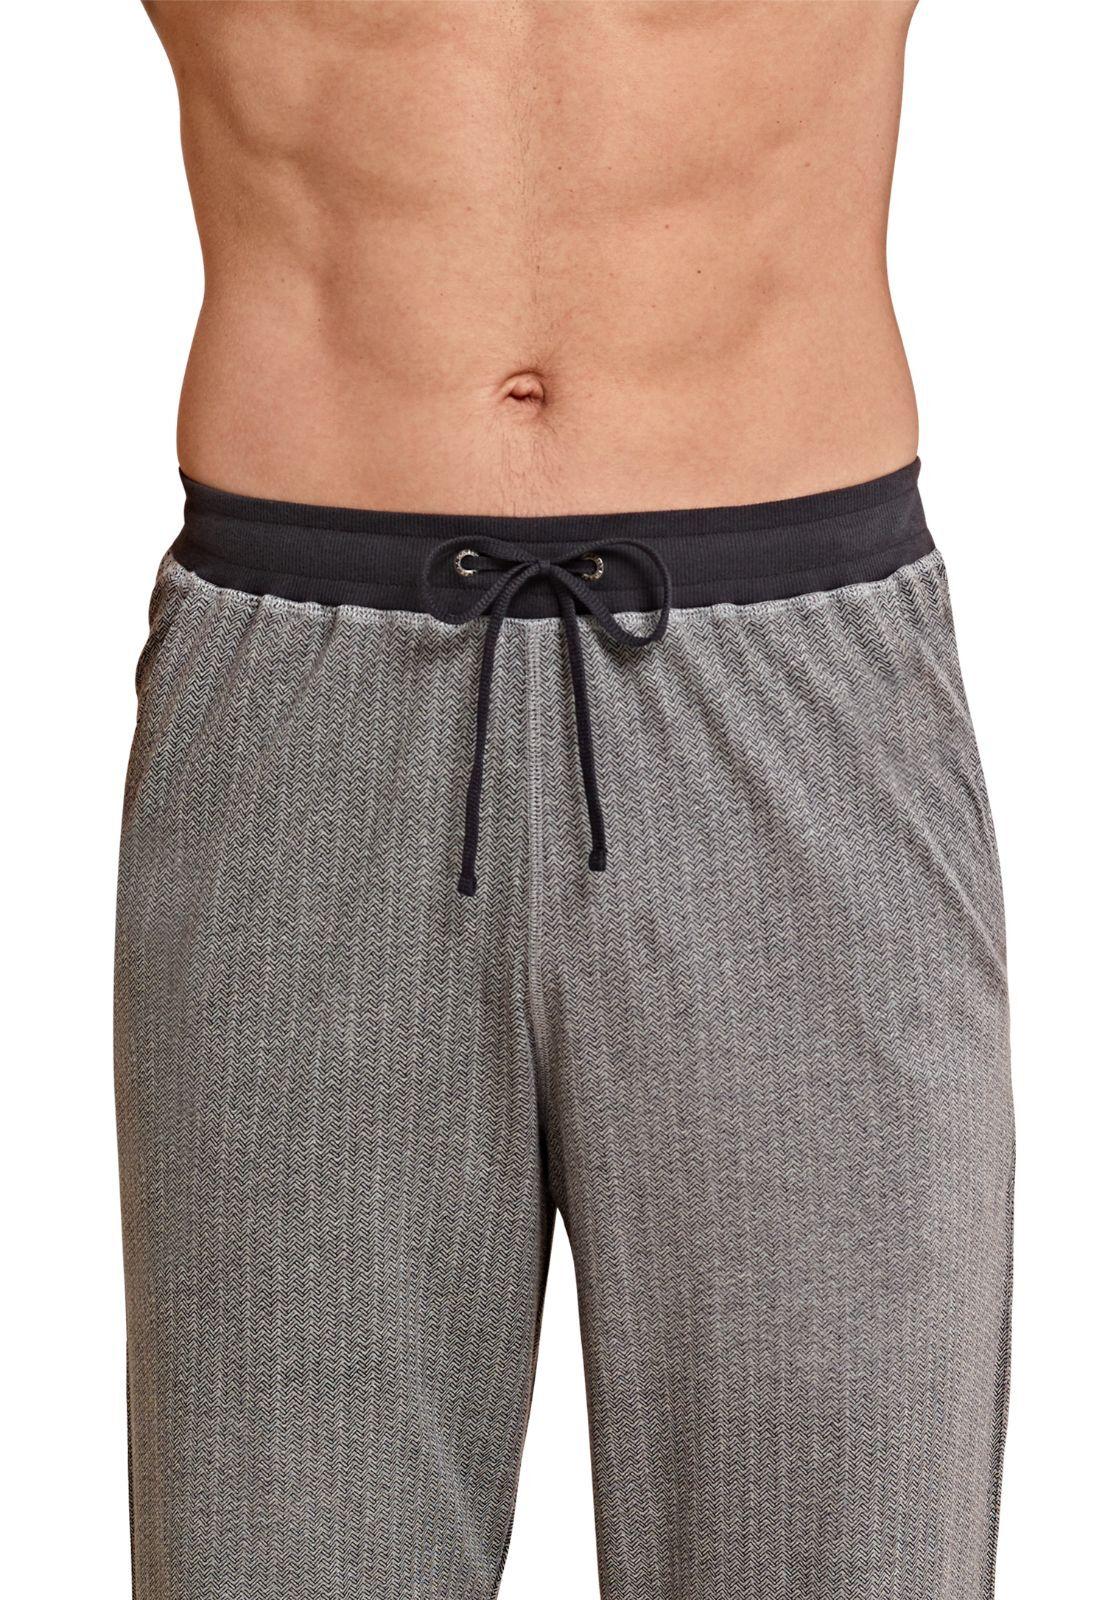 Schiesser Hommes Mix & pantalon relax pantalon & long 48-7xl loungehose schlafhose grandes tailles 7266c2